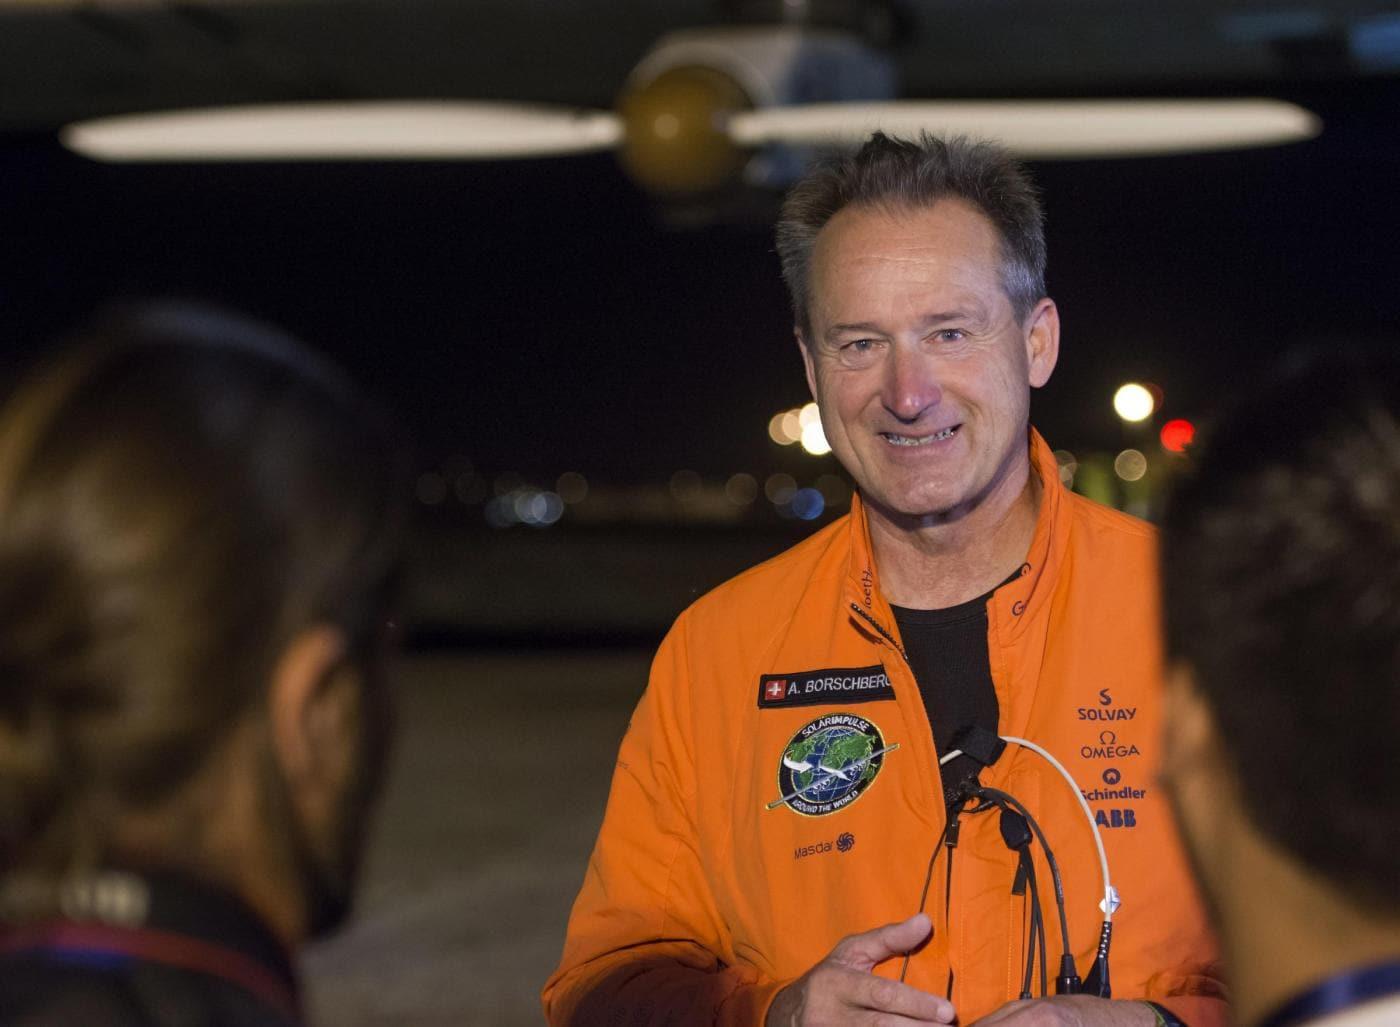 Il pilota Andre Borschberg prima del suo decollo dall'aeroporto di Siviglia dove Solar Impulse 2 era atterrato il 23 giugno dopo aver attraverso l'Oceano Atlantico.